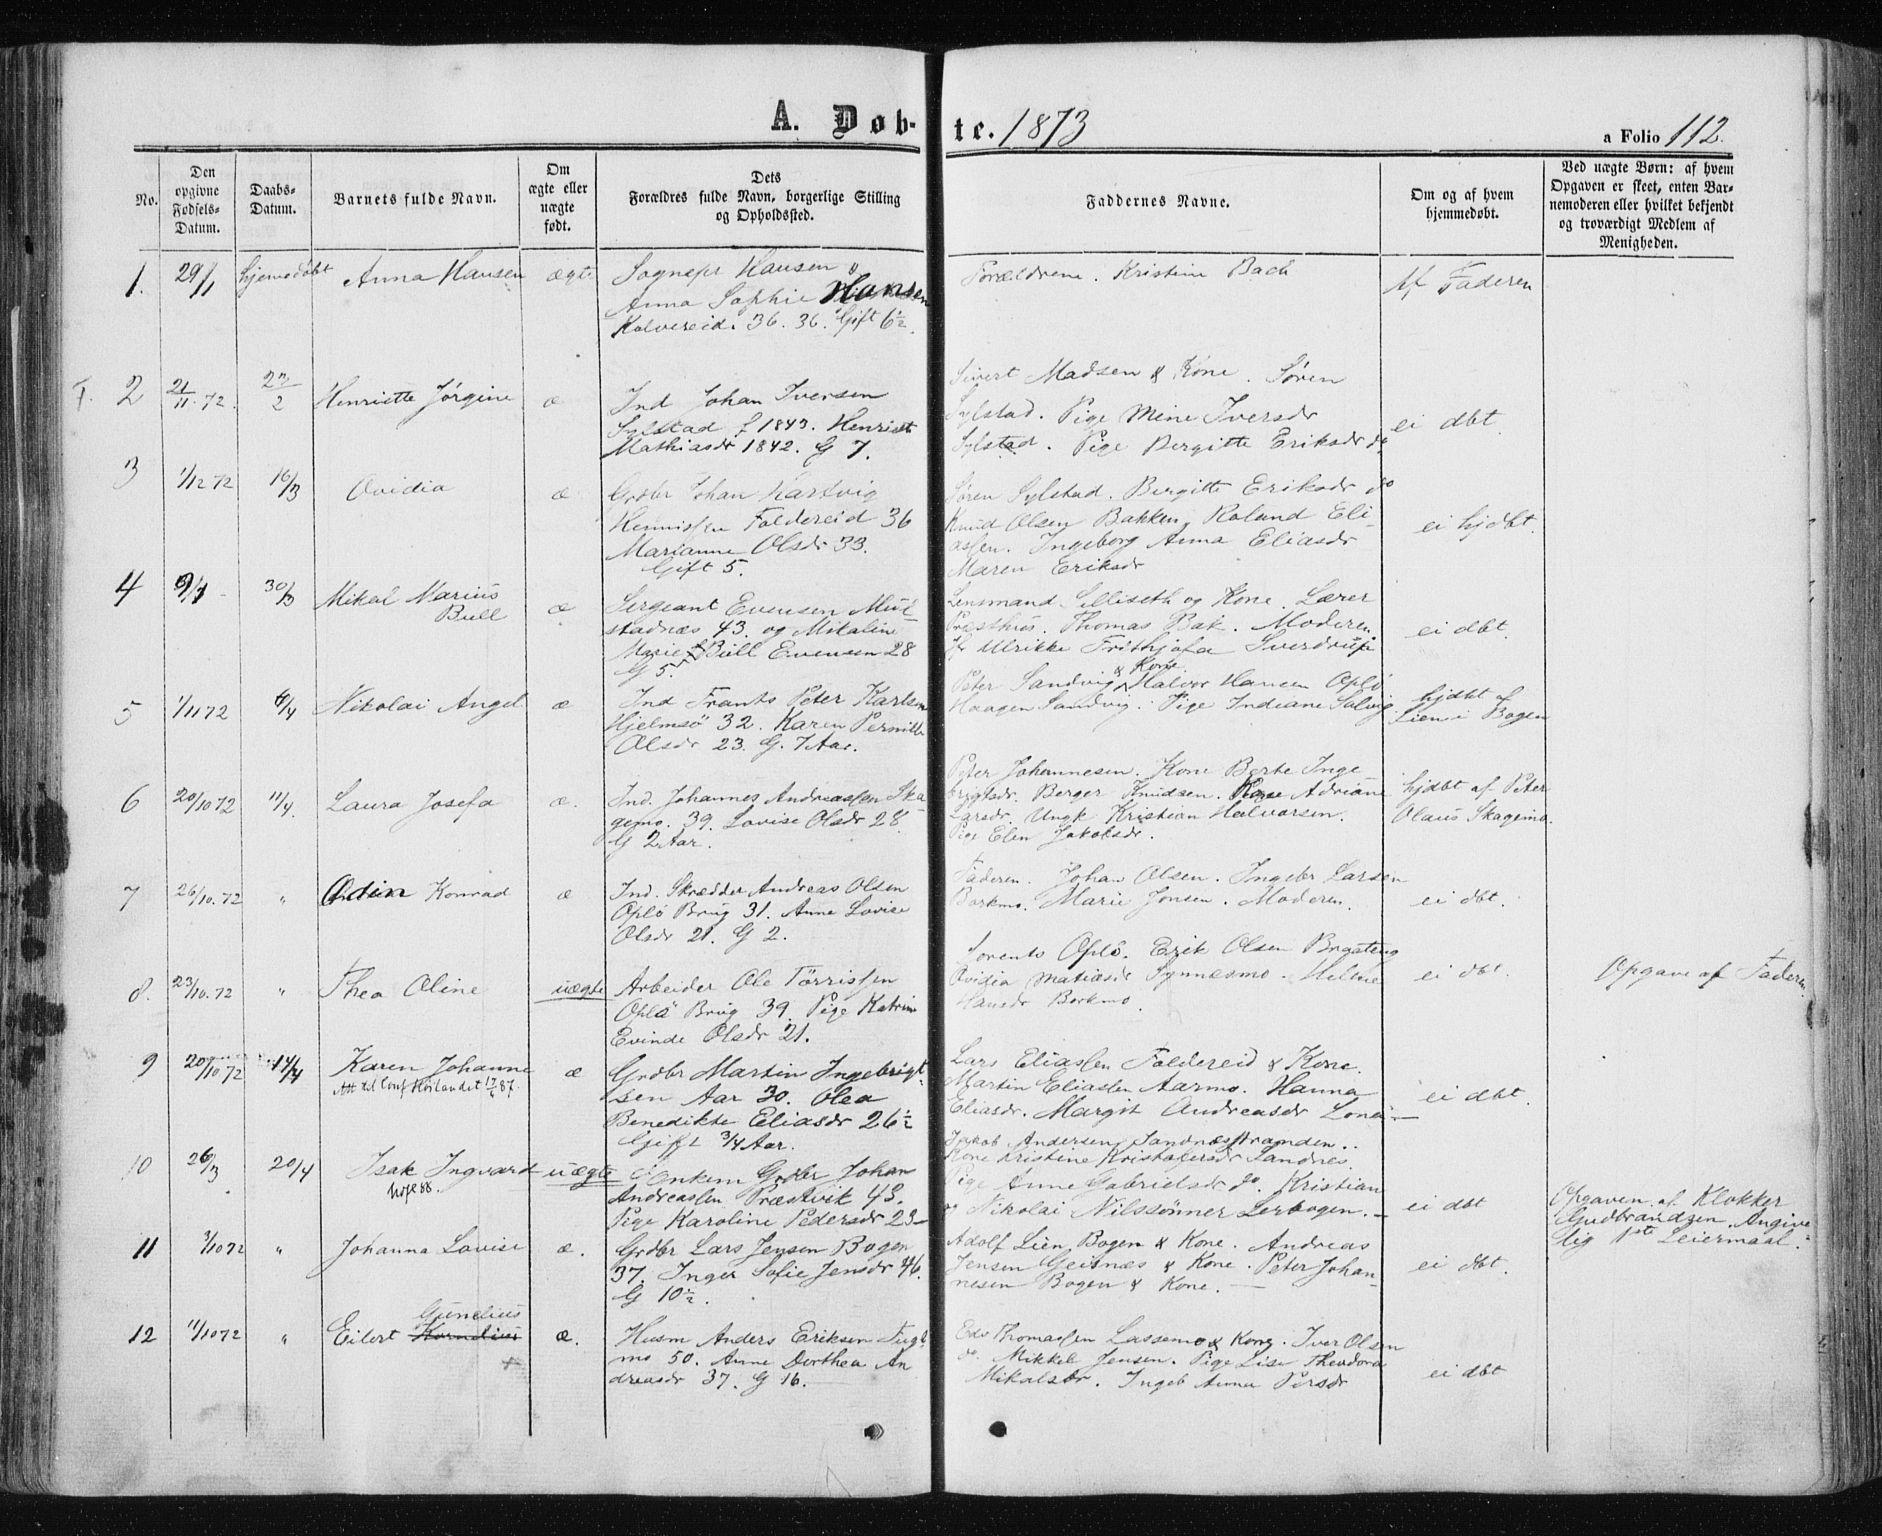 SAT, Ministerialprotokoller, klokkerbøker og fødselsregistre - Nord-Trøndelag, 780/L0641: Ministerialbok nr. 780A06, 1857-1874, s. 112